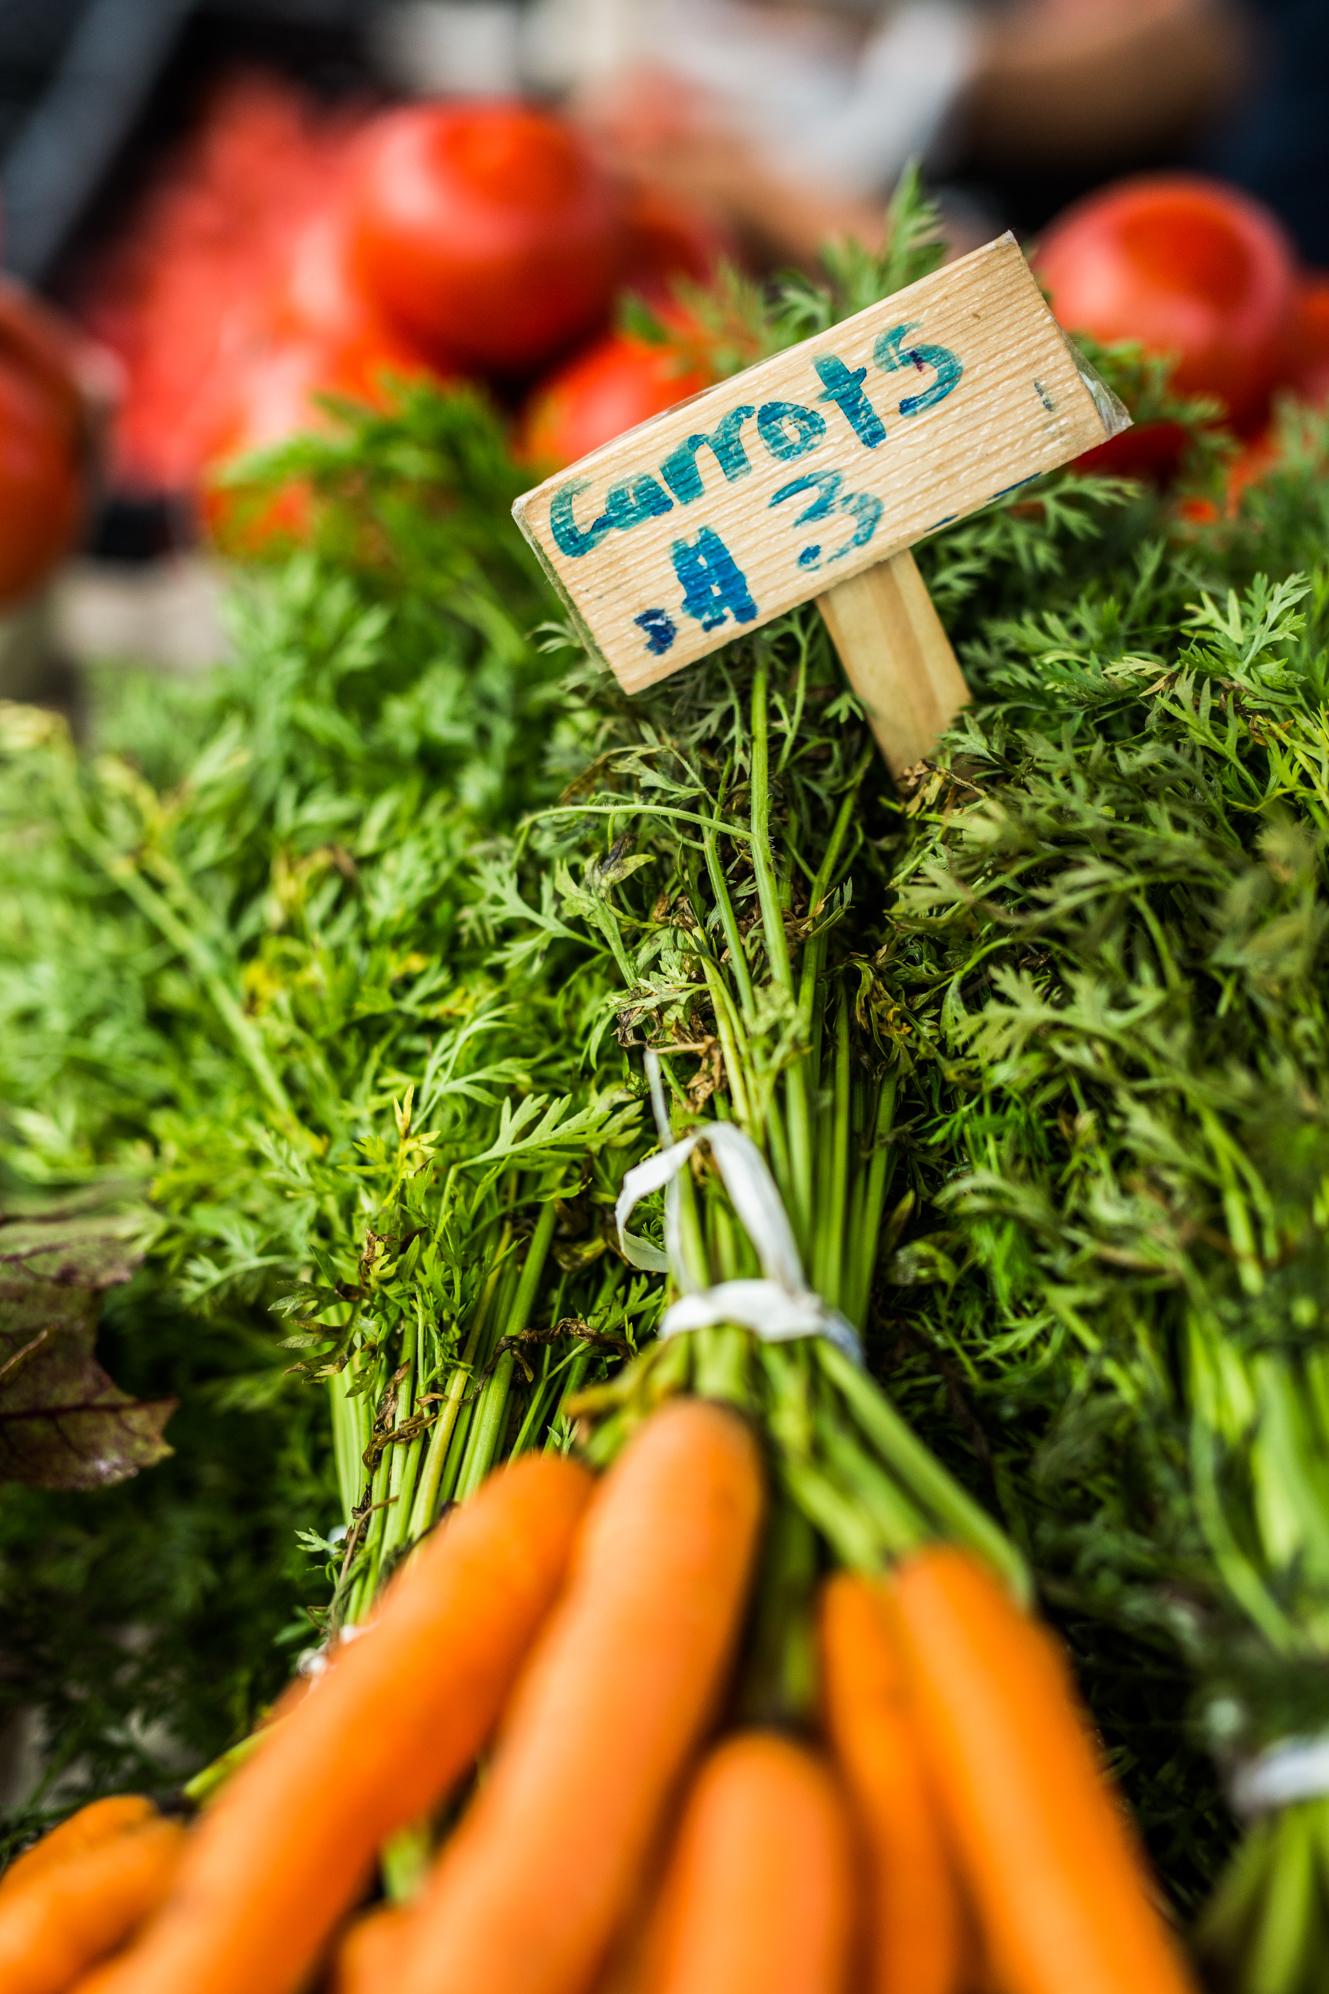 030-Bentonville Farmers Market.jpg